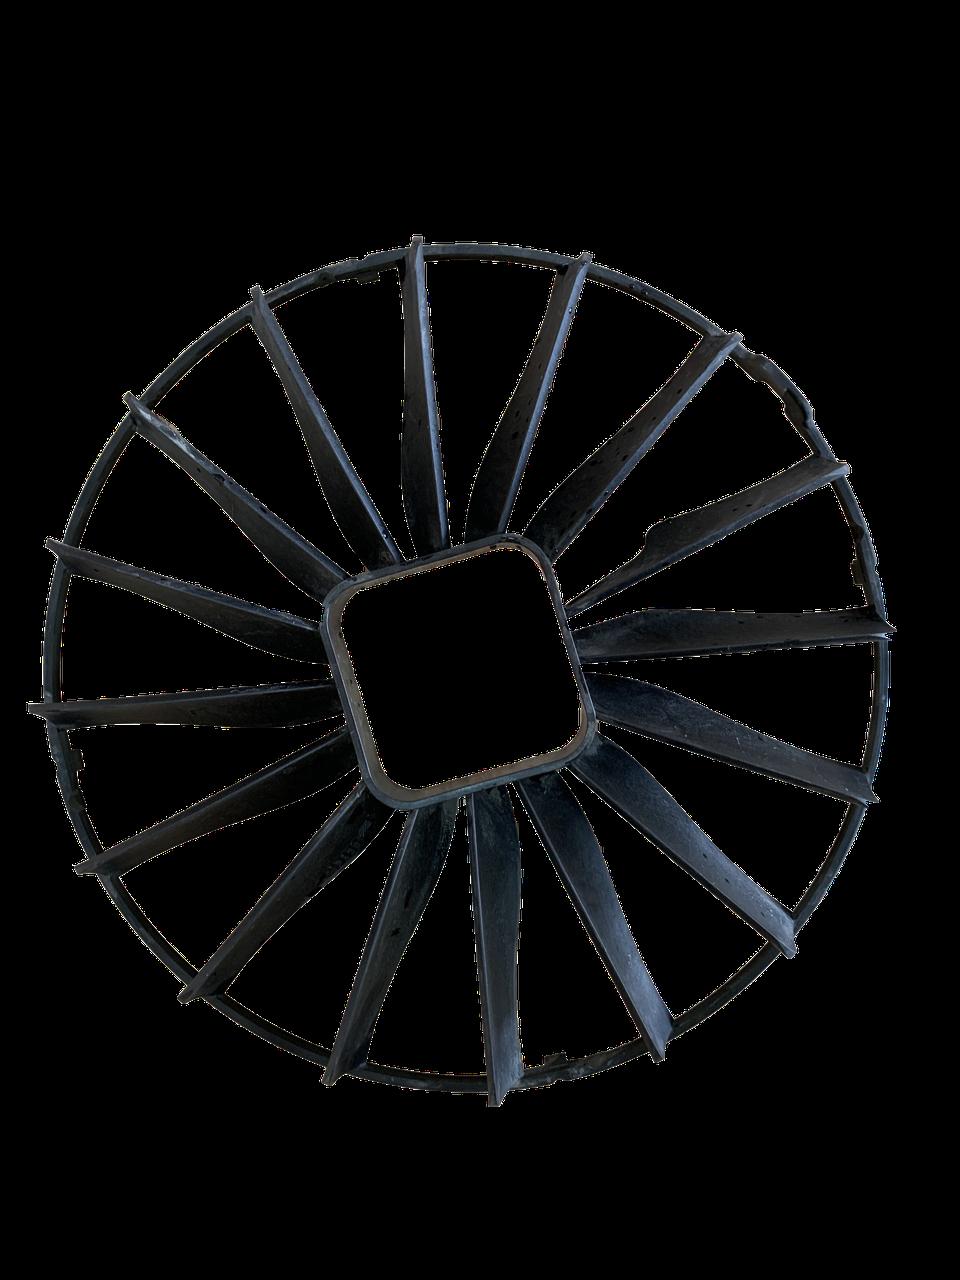 Стримери для вентиляторов, 500 мм